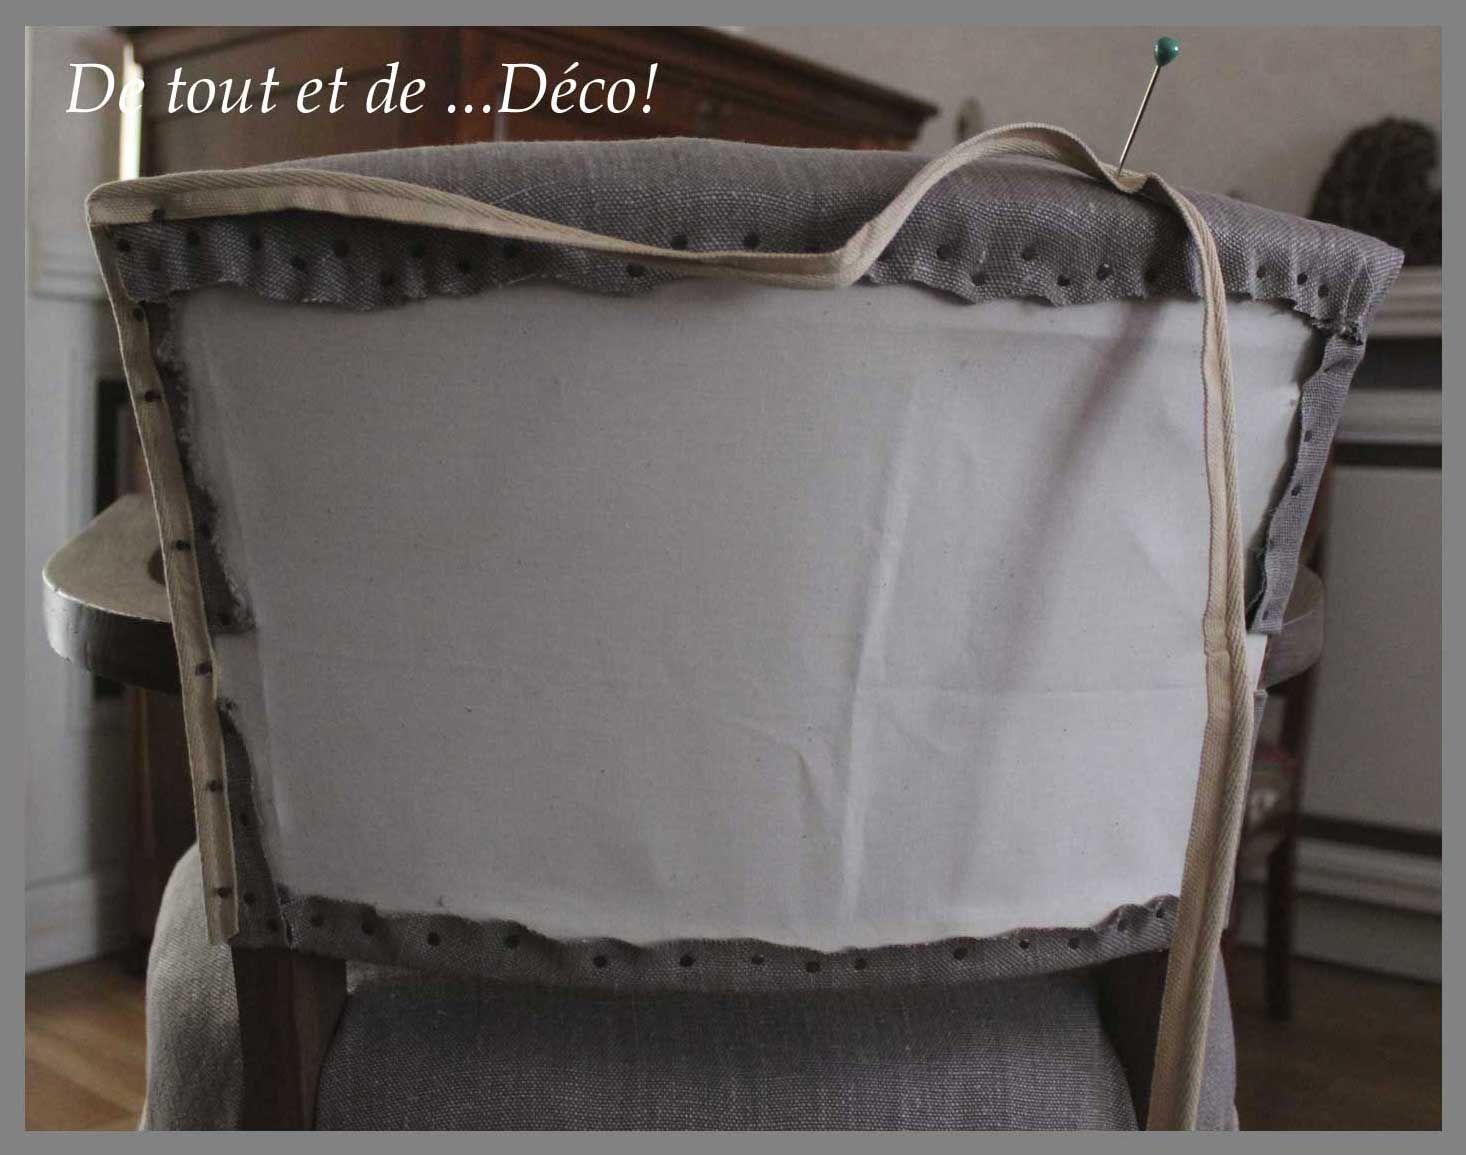 tuto pour fauteuil bridge de tout et de d co fauteuils tapisserie et relooking. Black Bedroom Furniture Sets. Home Design Ideas